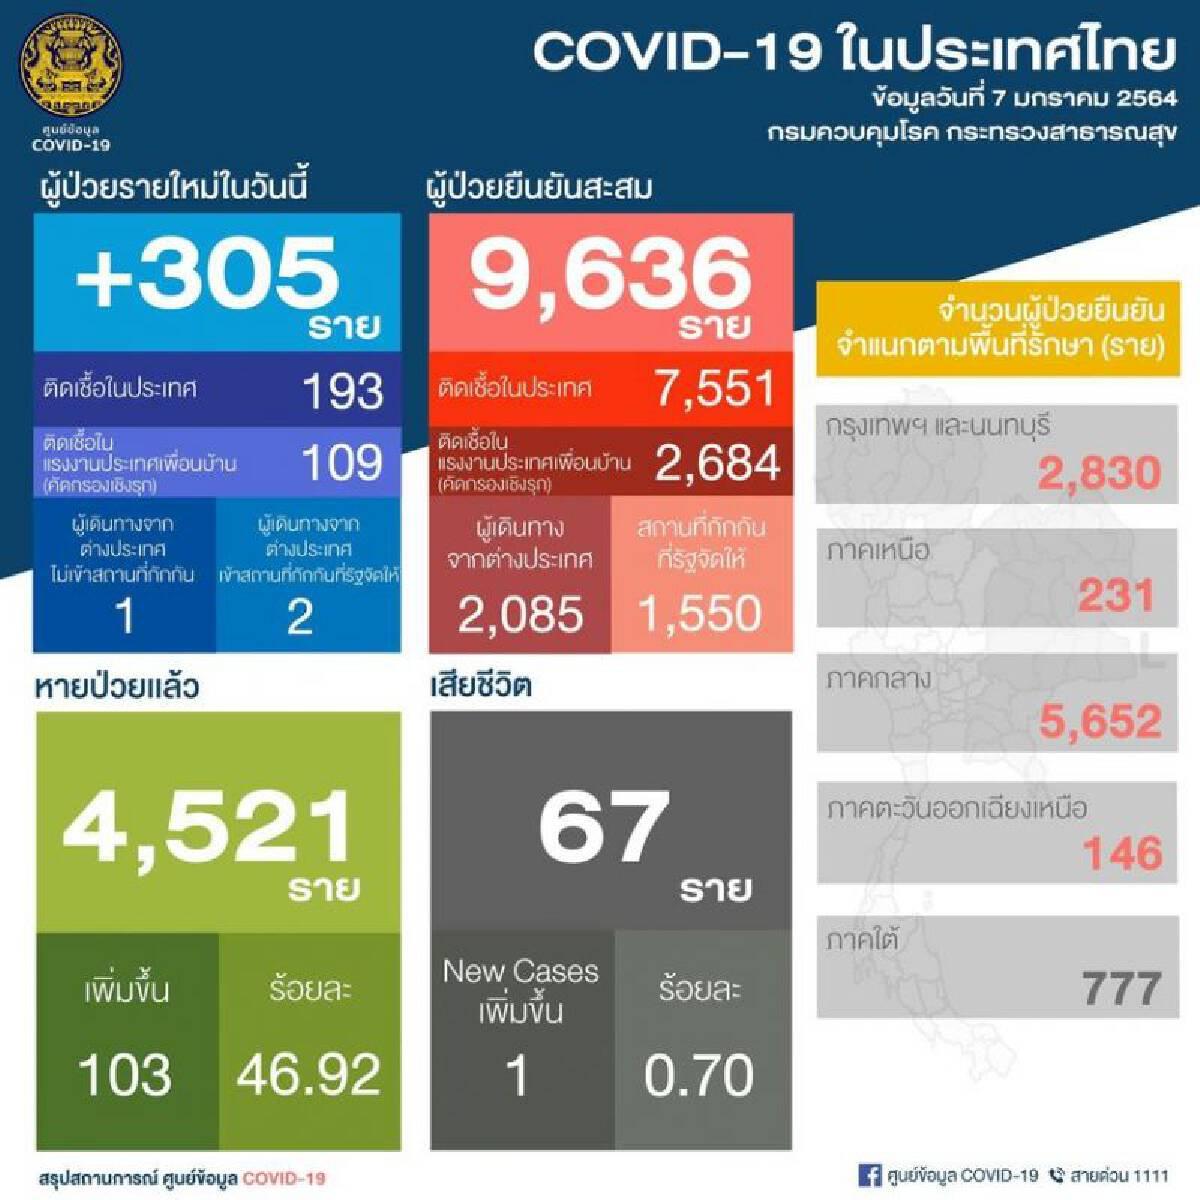 ยอดติดเชื้อโควิด 7 ม.ค.64 รายใหม่ 305 ในประเทศ 193  เสียชีวิต 1 ราย